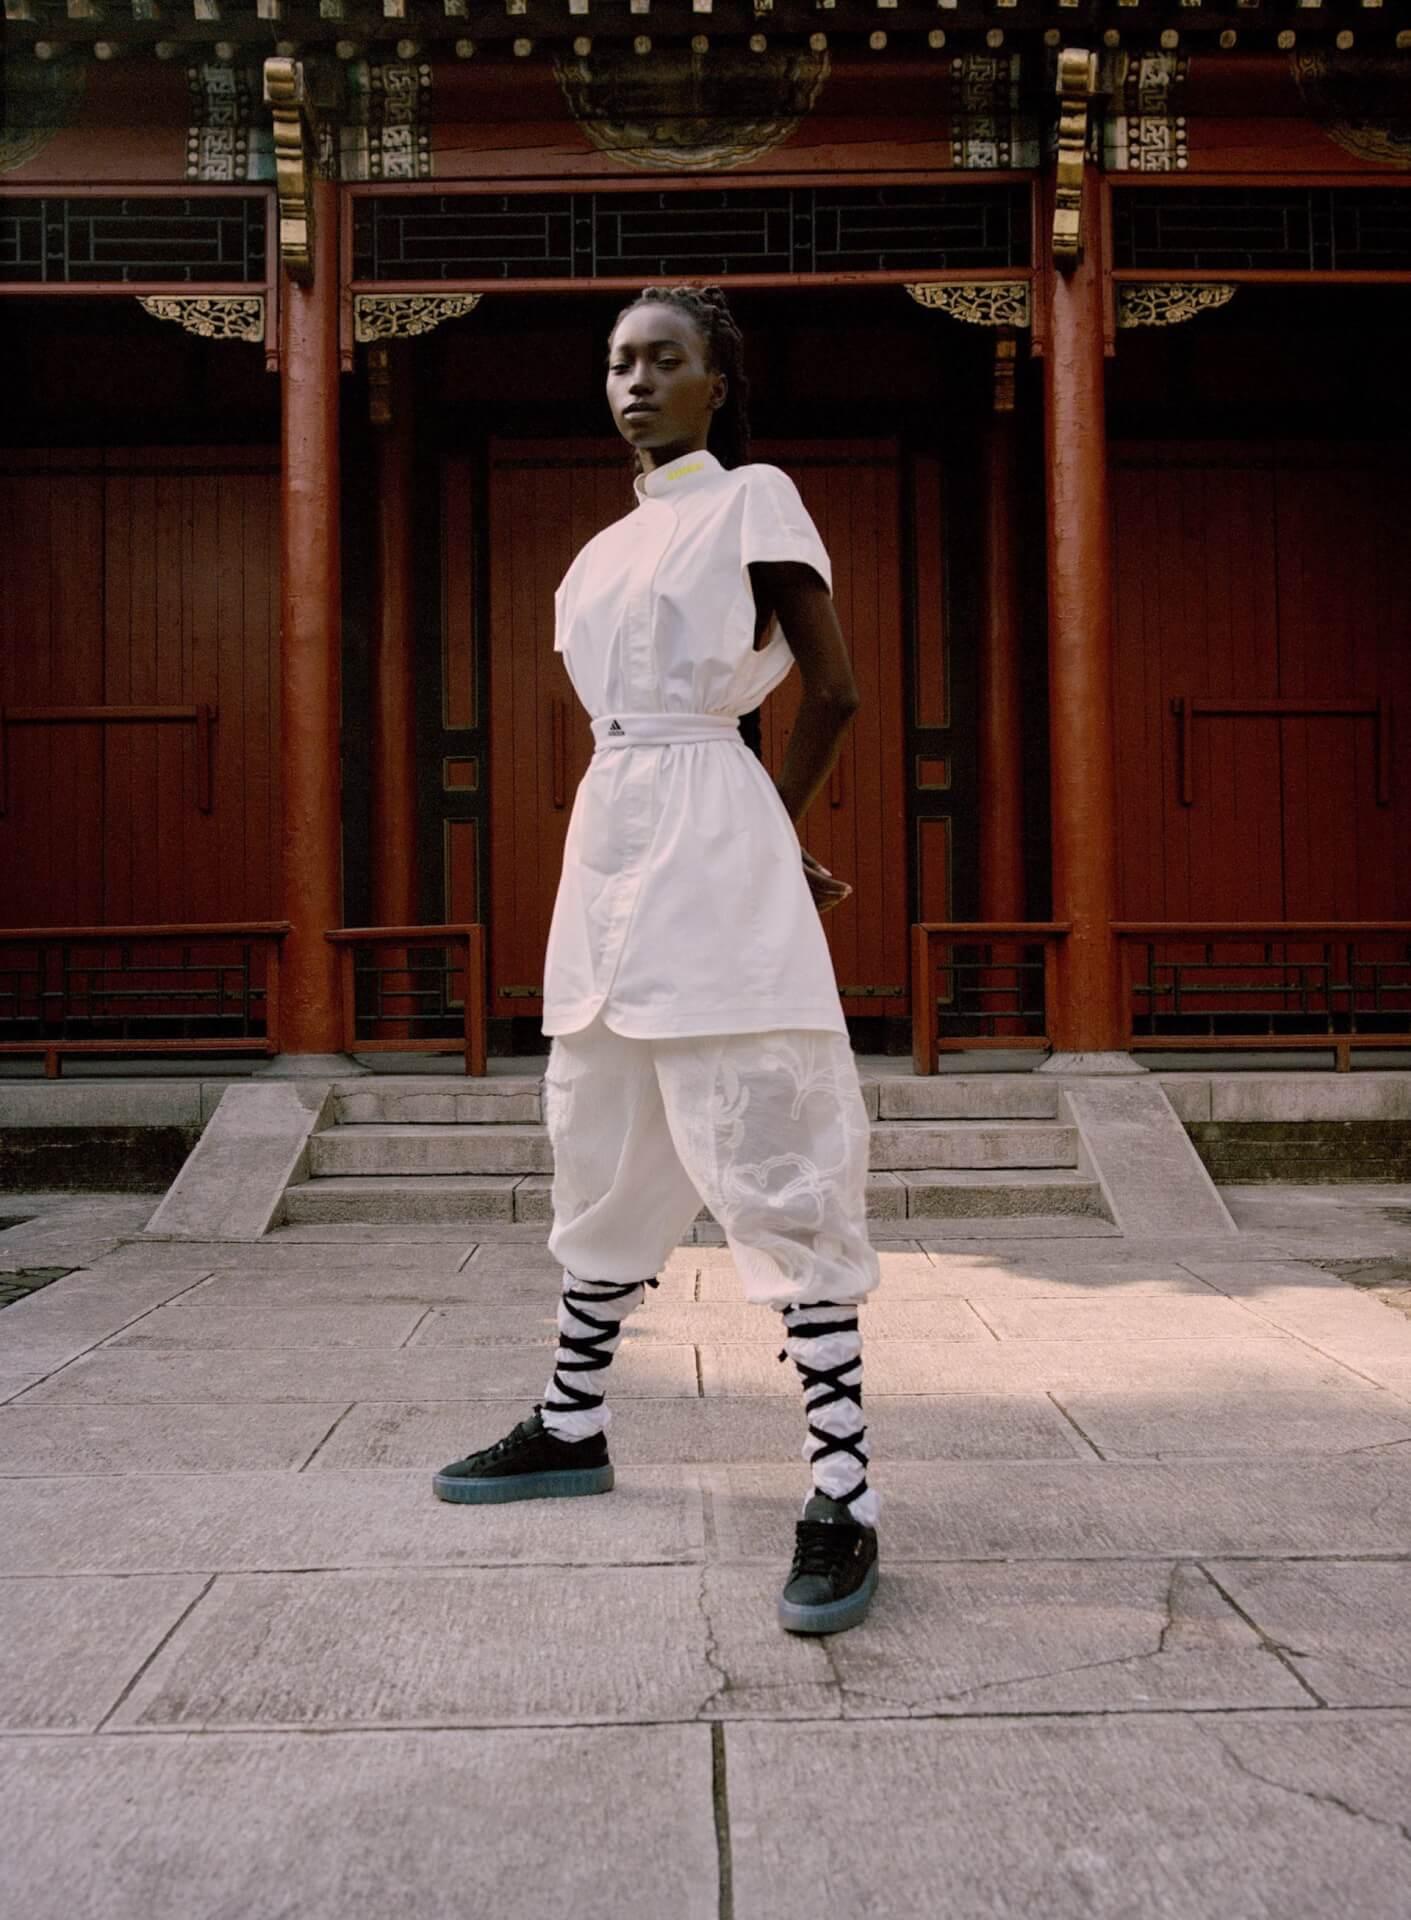 adidas Originals × Angel Chenのカプセルコレクションが登場!水泳や書道からインスパイアされたフットウェア4型 lf200529_adidas_angelchen_03